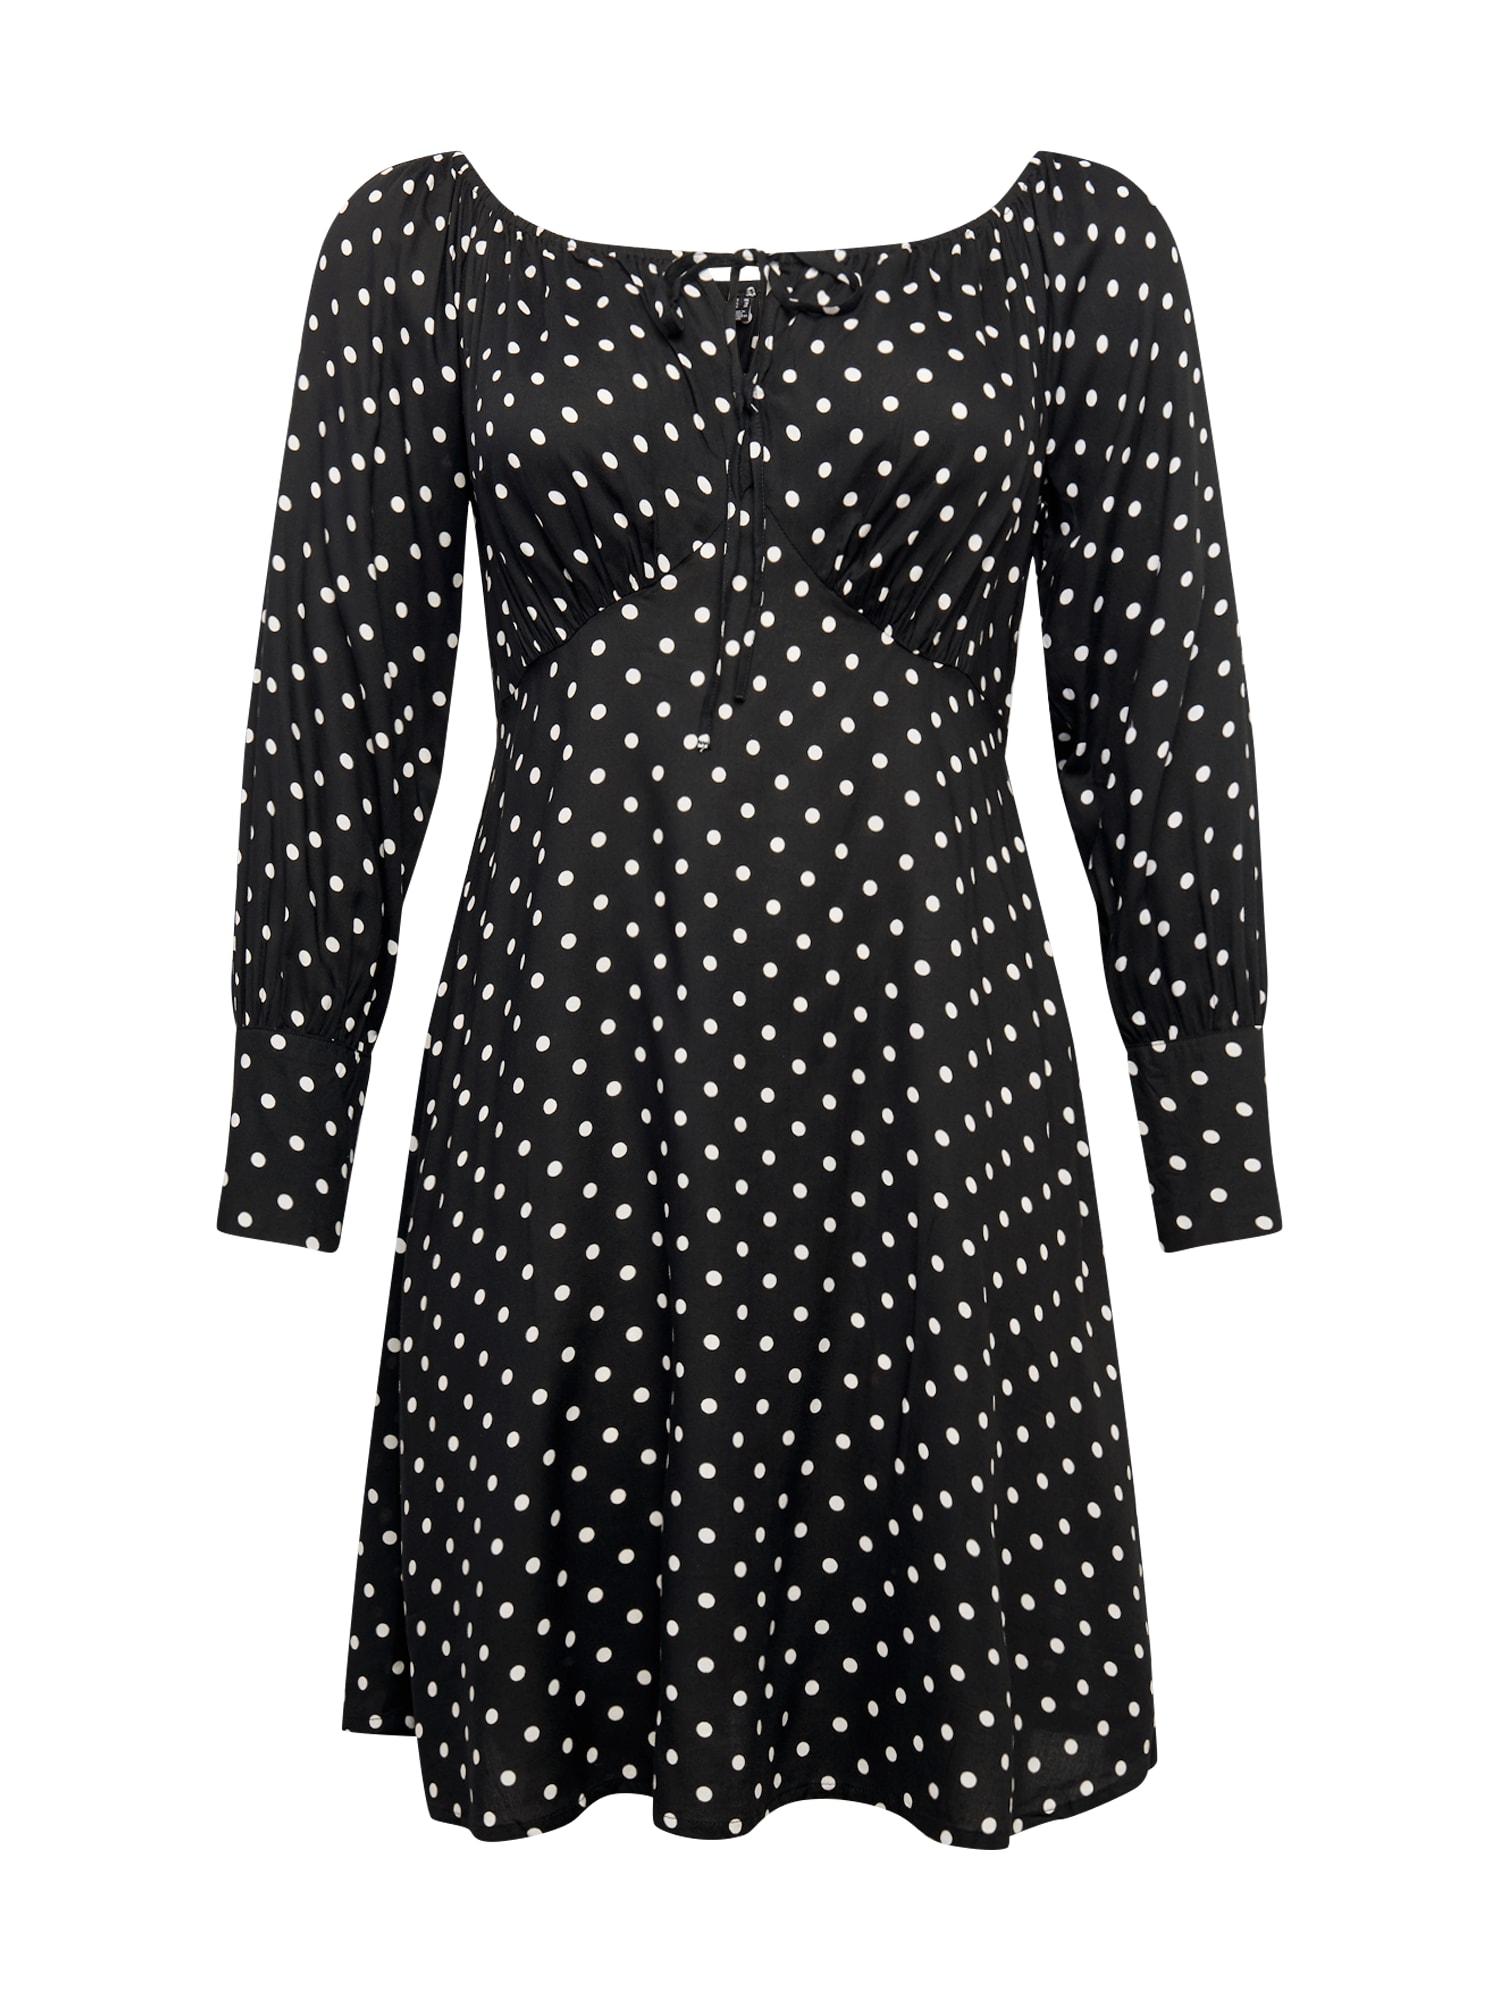 Vero Moda Curve Palaidinės tipo suknelė juoda / balta